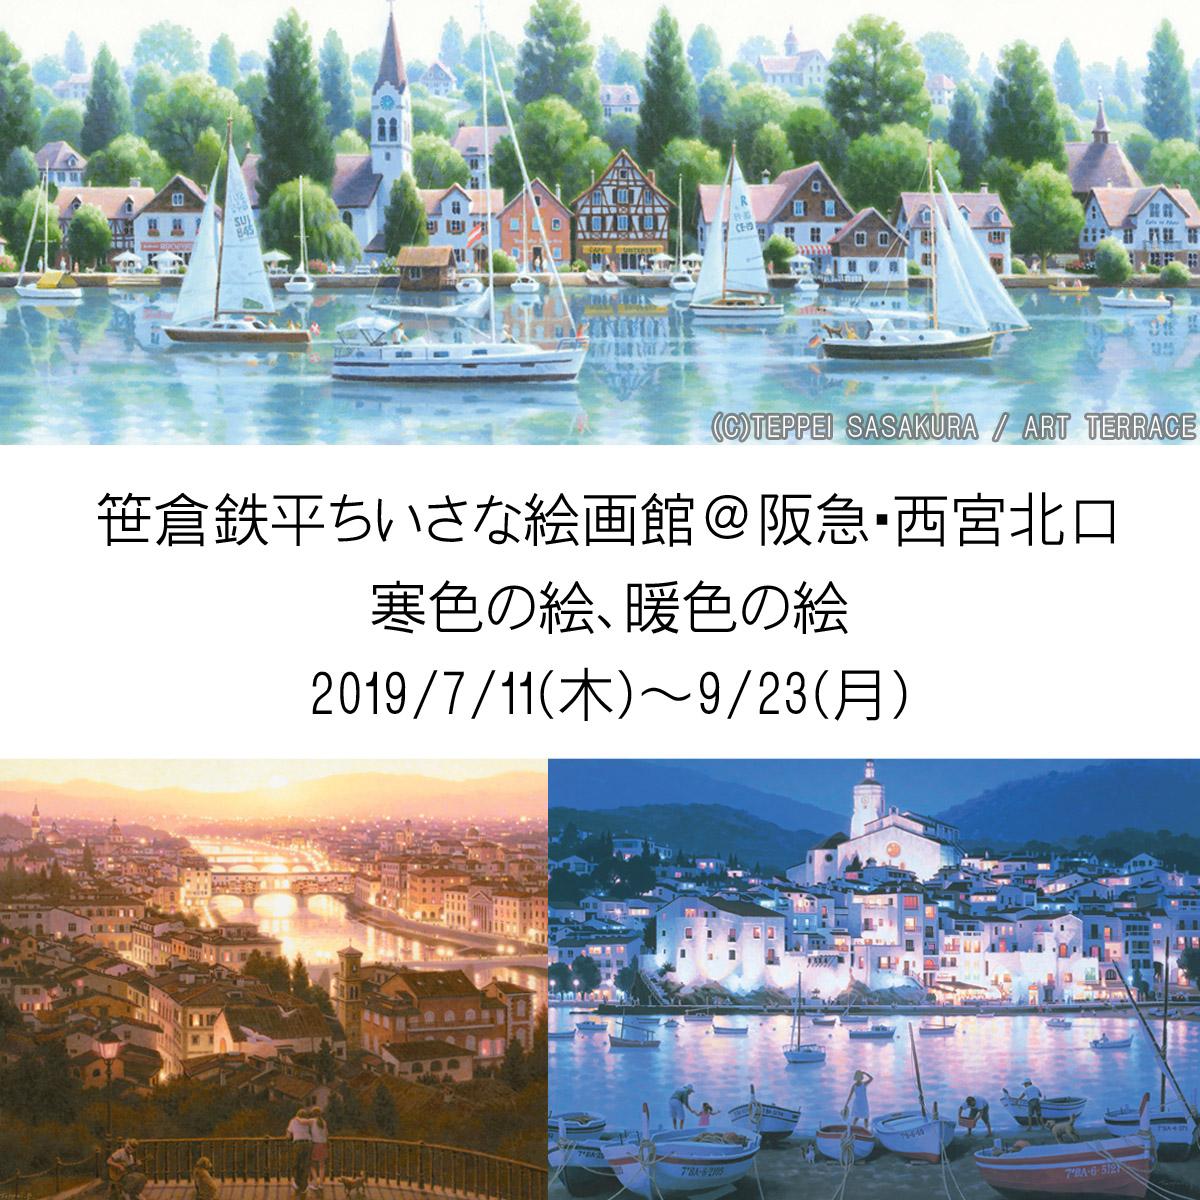 笹倉鉄平ちいさな絵画館 企画展 寒色の絵、暖色の絵